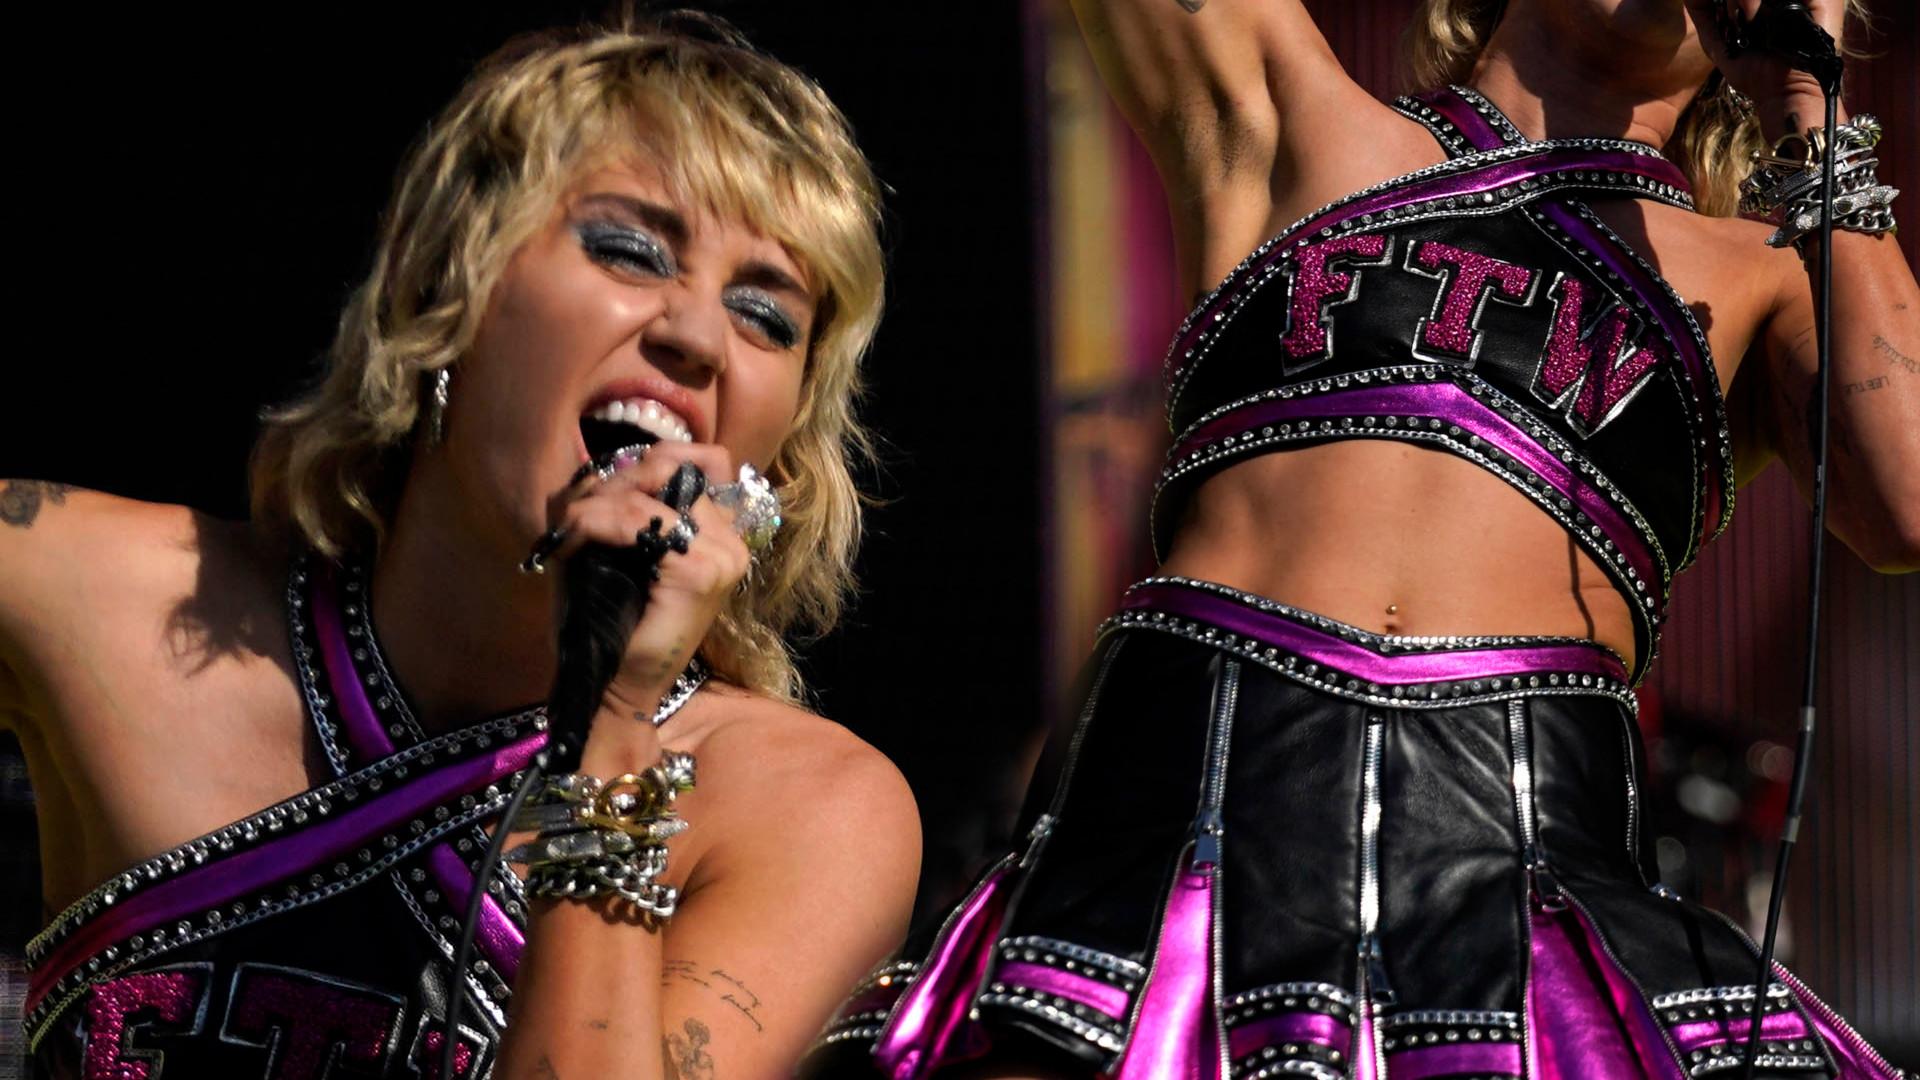 Rockowa Miley Cyrus przebrana za cheerleaderkę na Super Bowl 2021